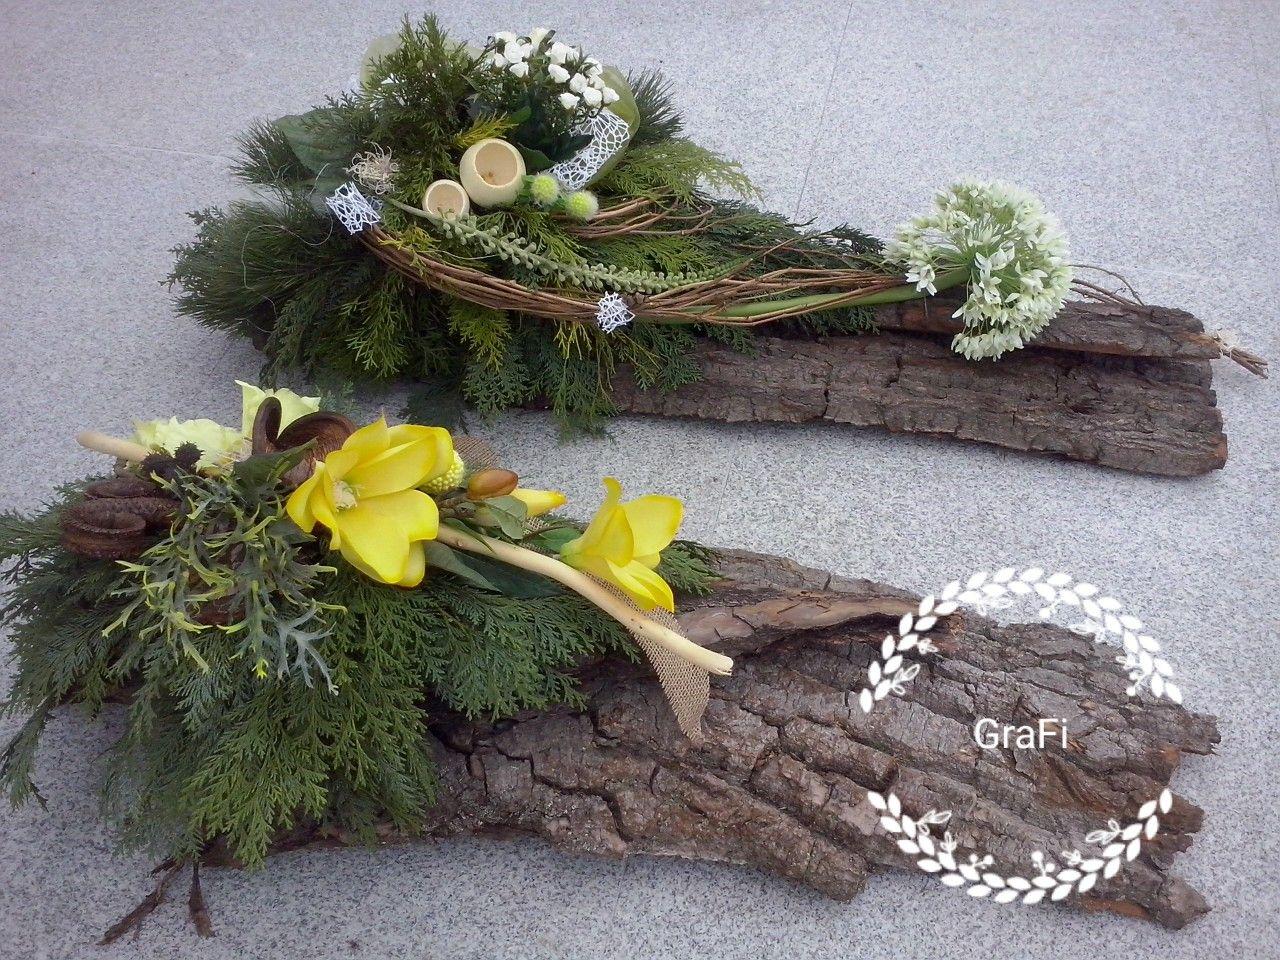 Florystyka funeralna, dekoracja na grób, 1 listopada, kompozycja nagrobna, stroik na grób #friedhofsdekorationenallerheiligen